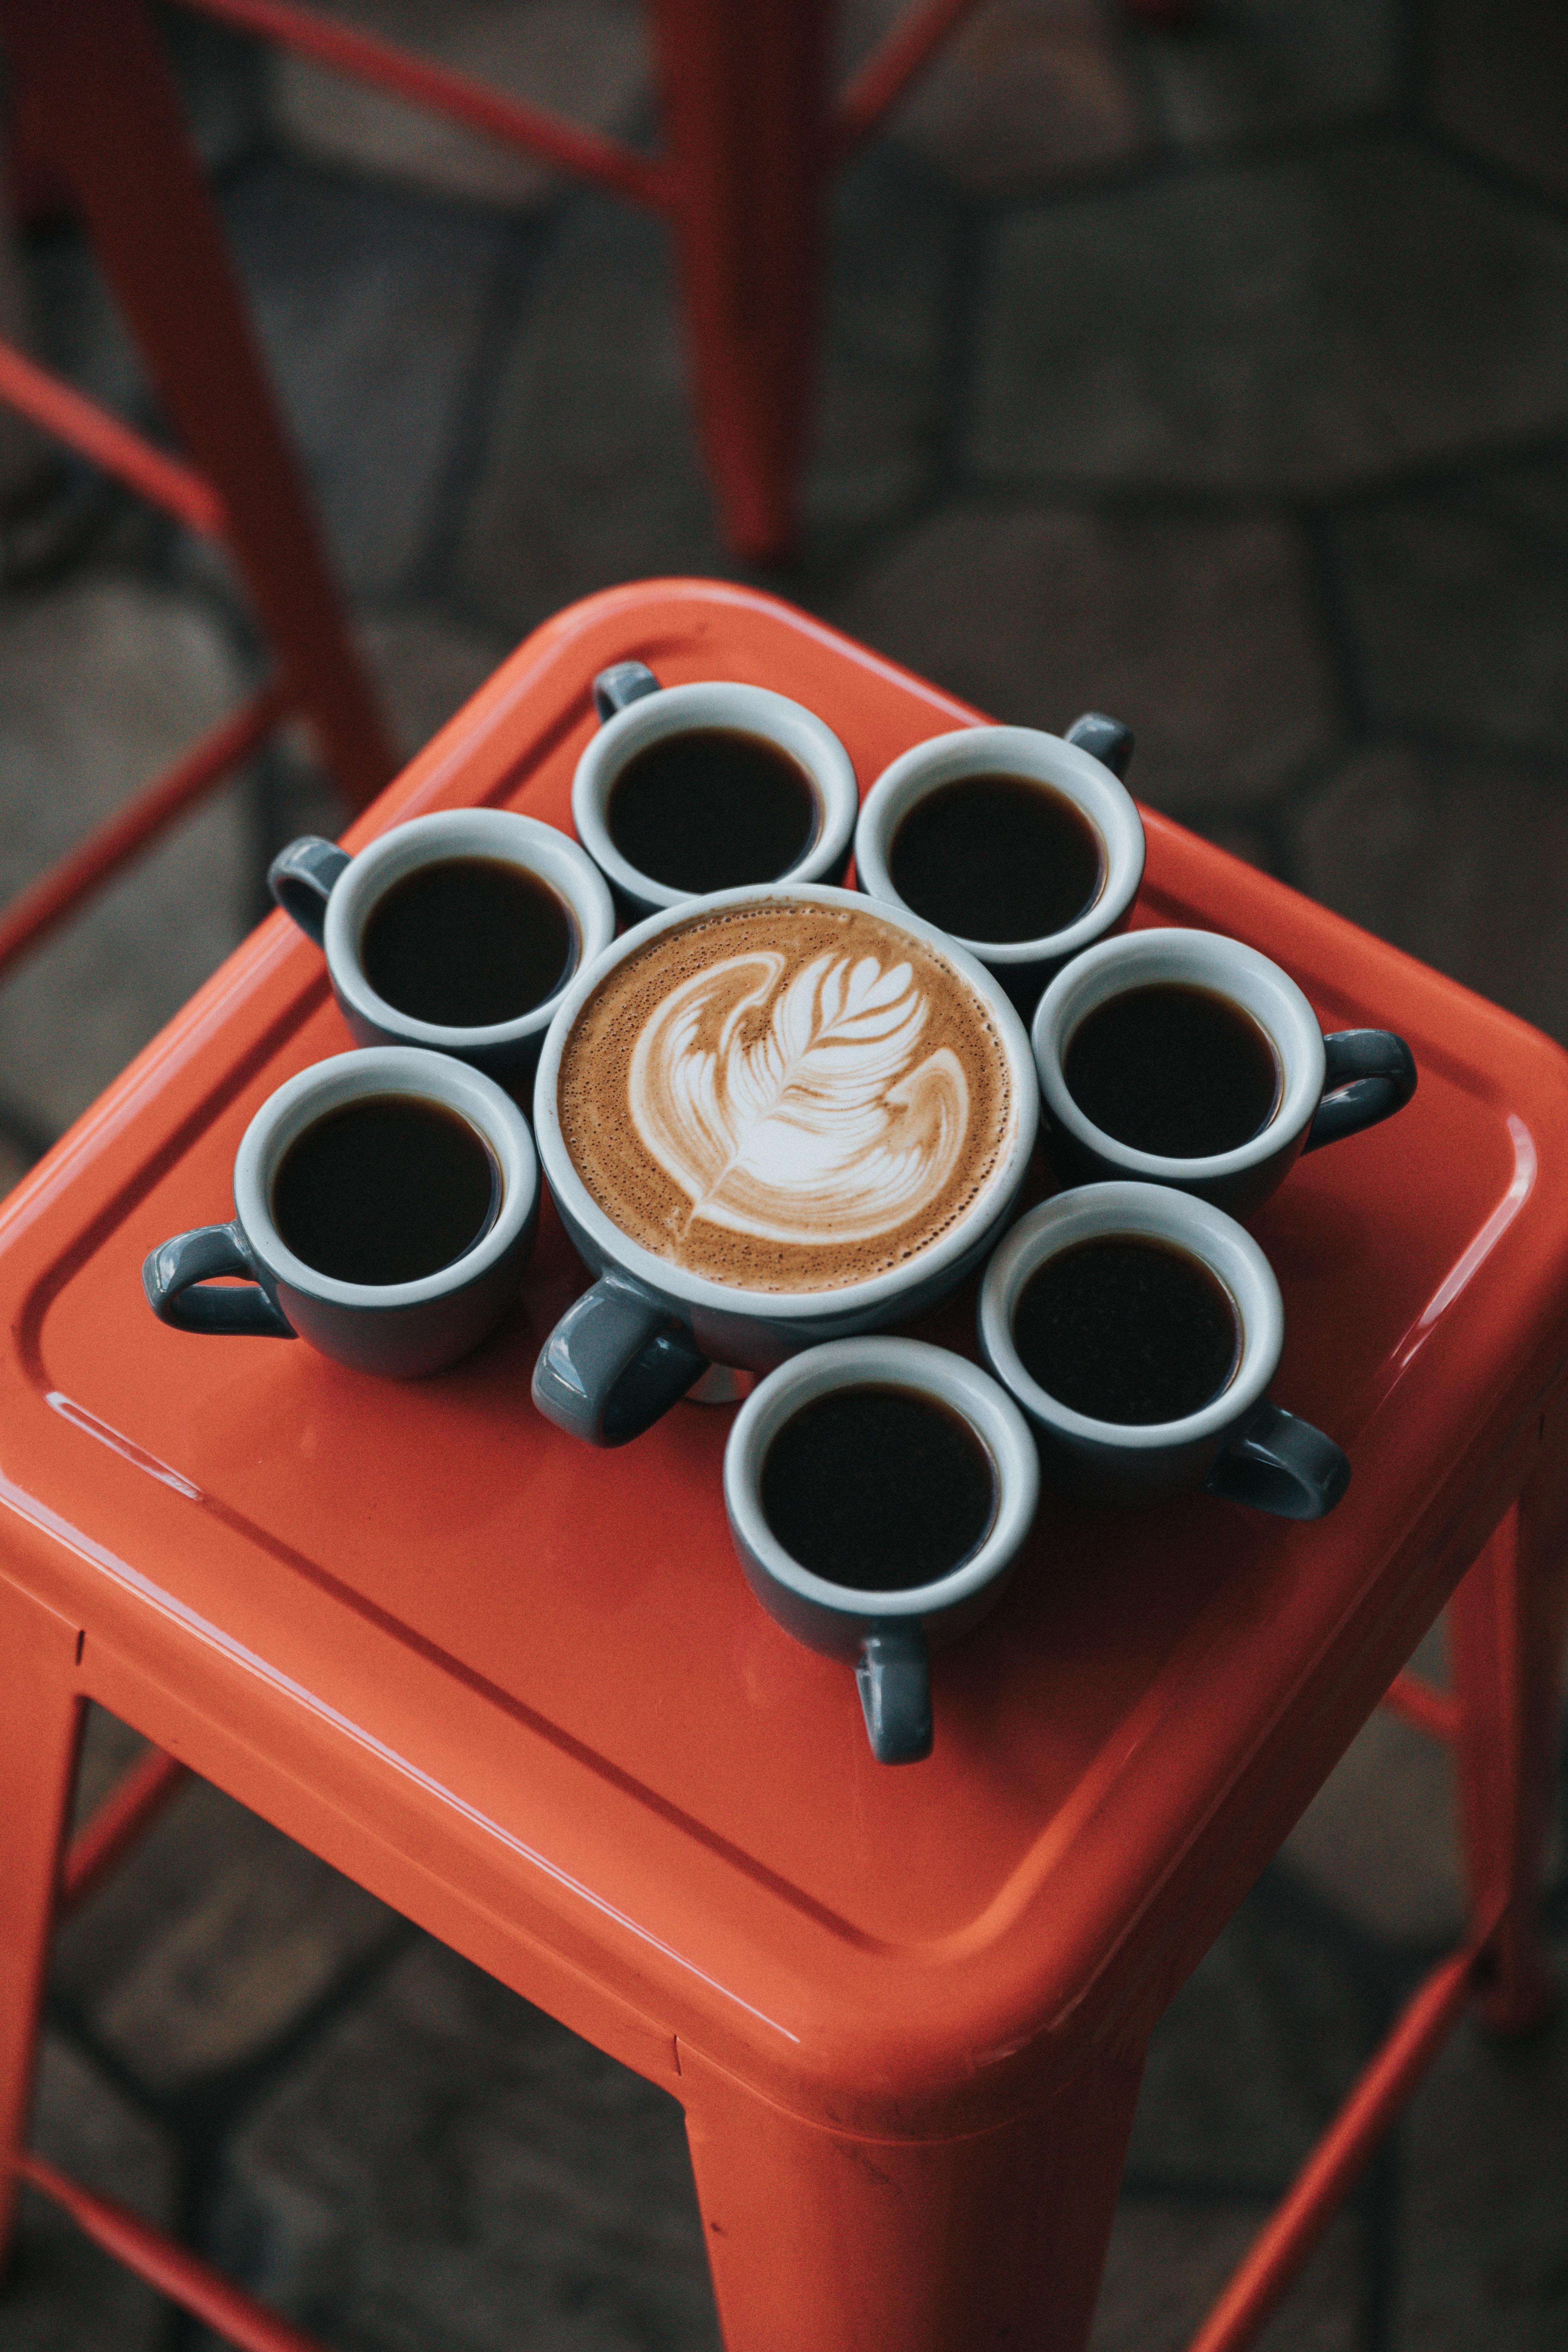 gray ceramic coffee mug set on top of red stool